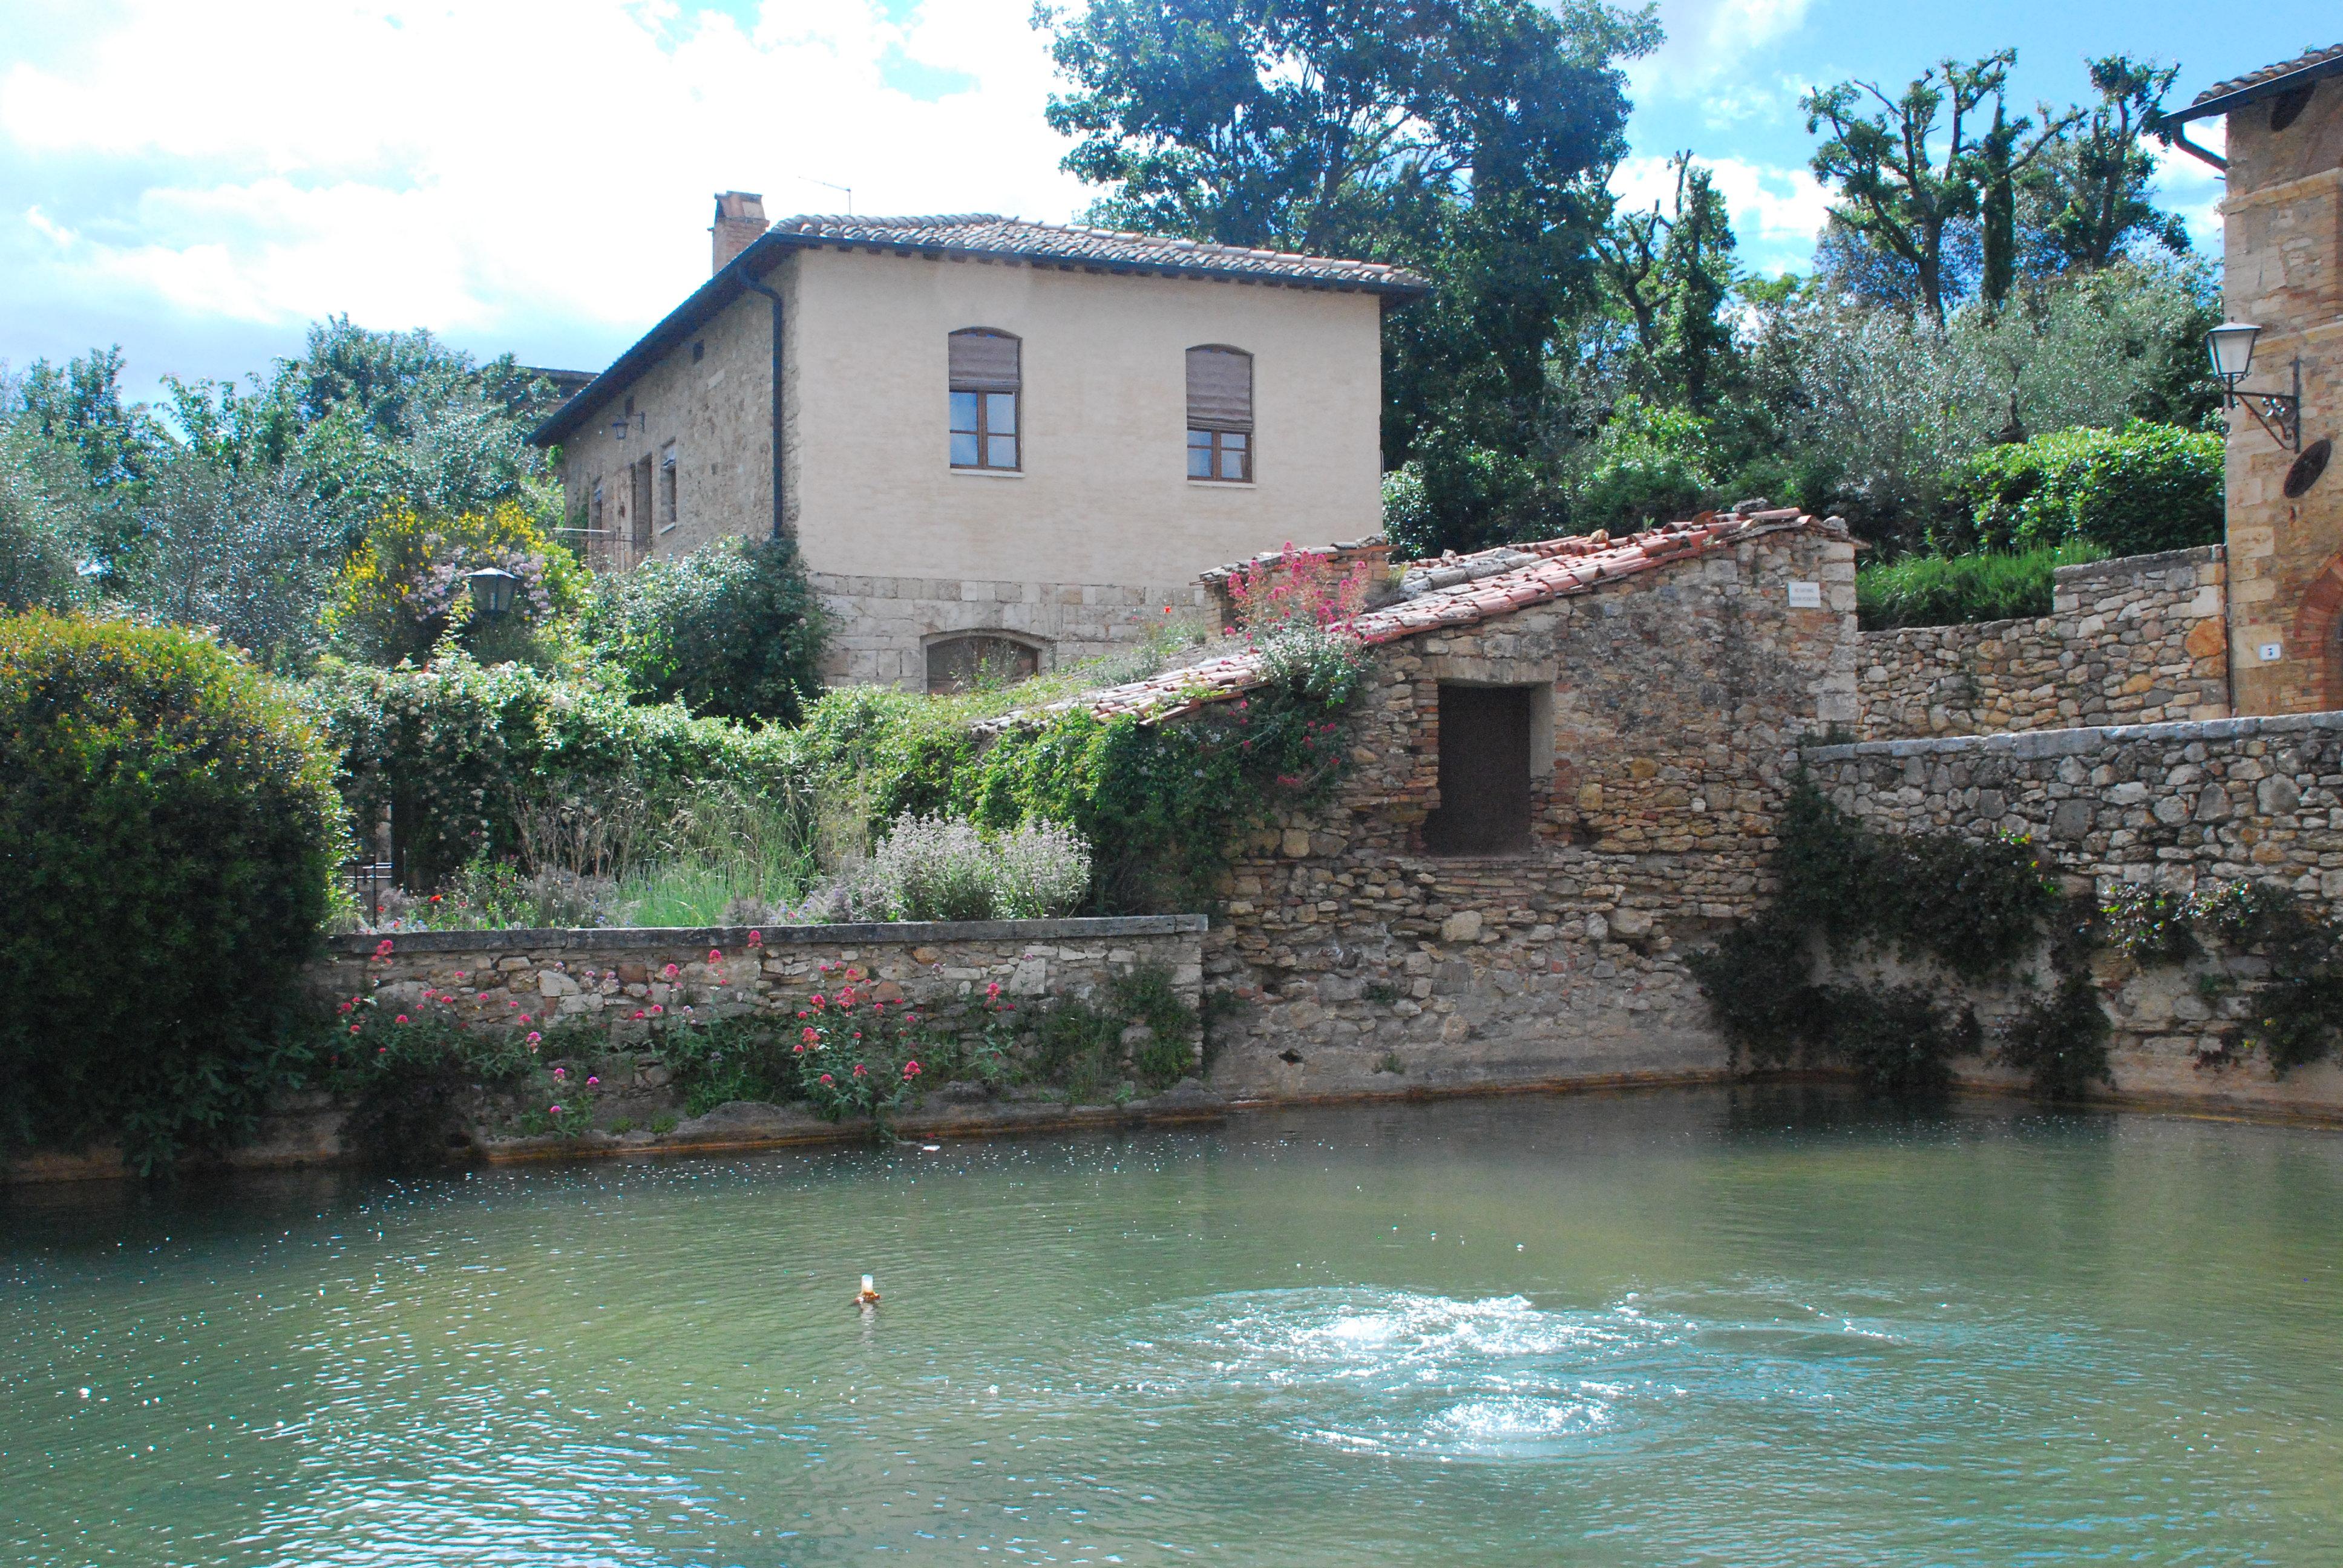 Pienza sant antimo bagno vignoni delightful val d orcia delightfully italy - Osteria del leone bagno vignoni ...